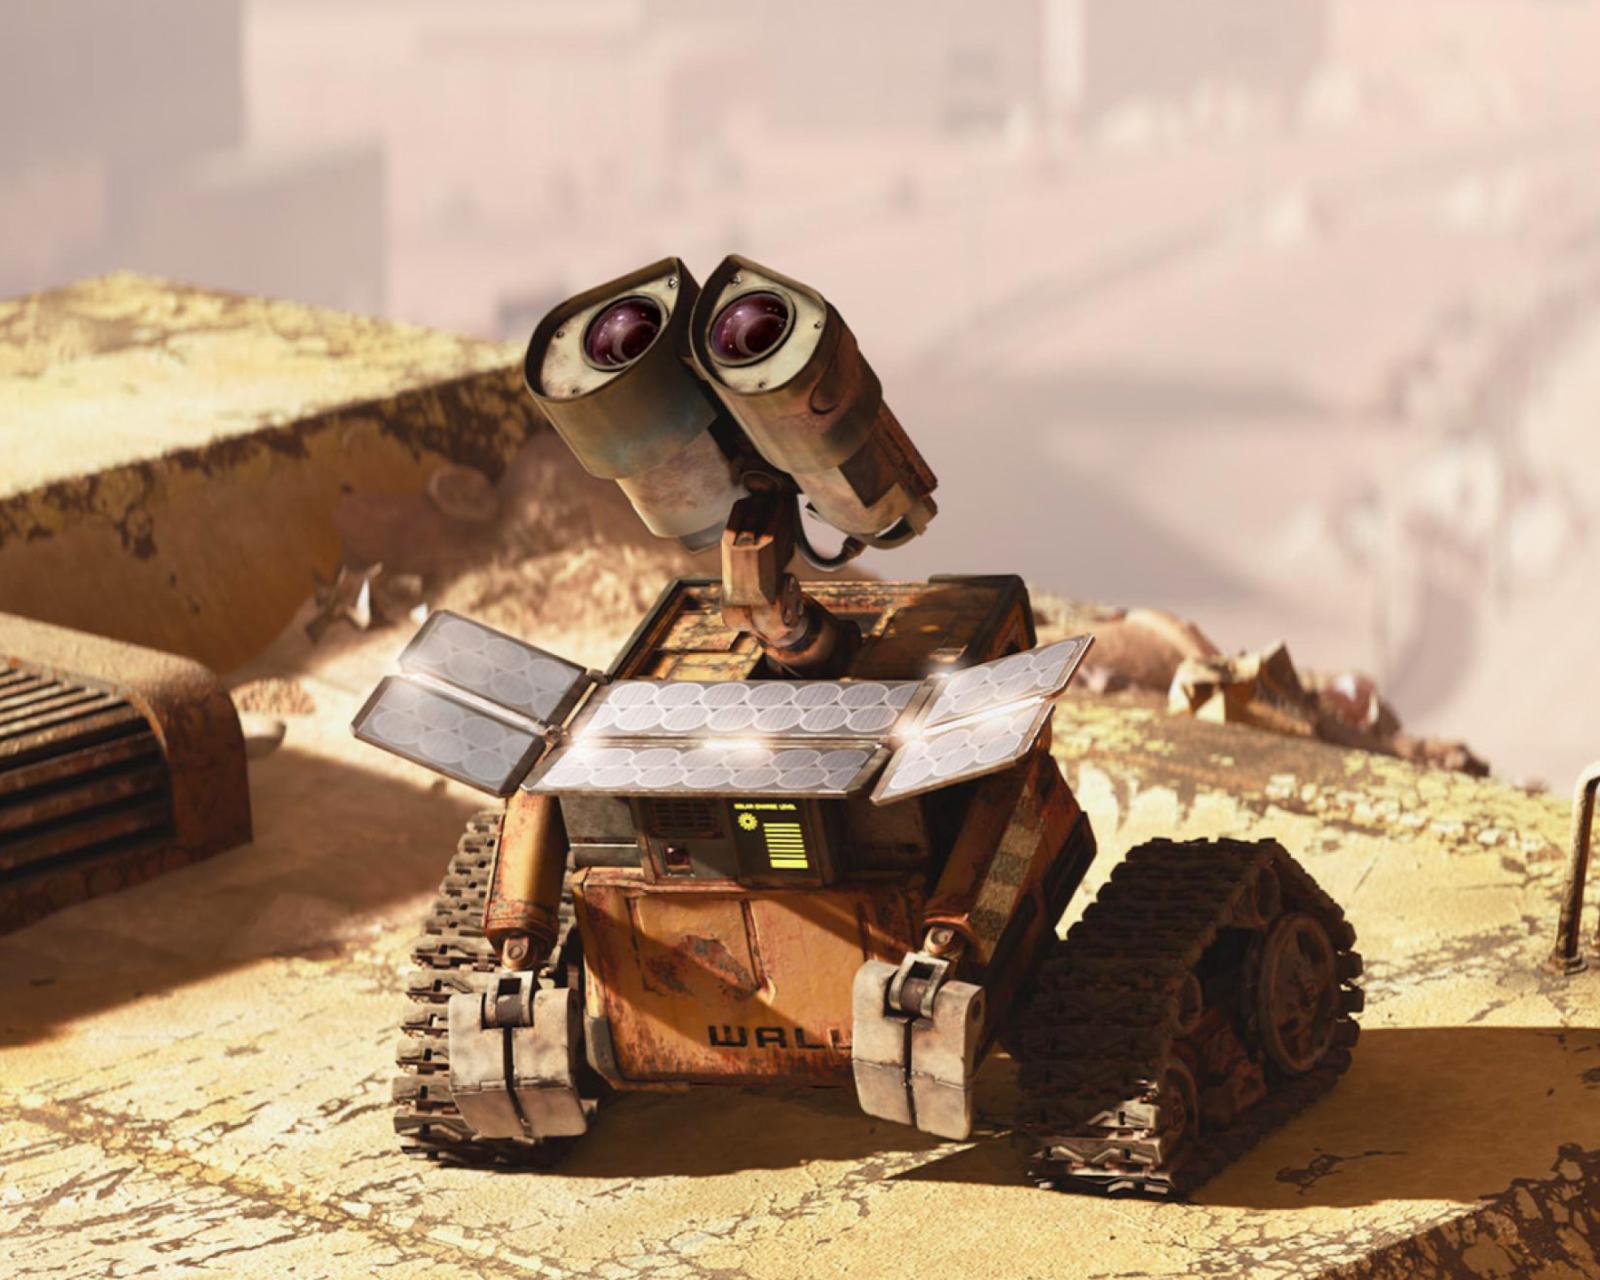 видео про робота валли большие